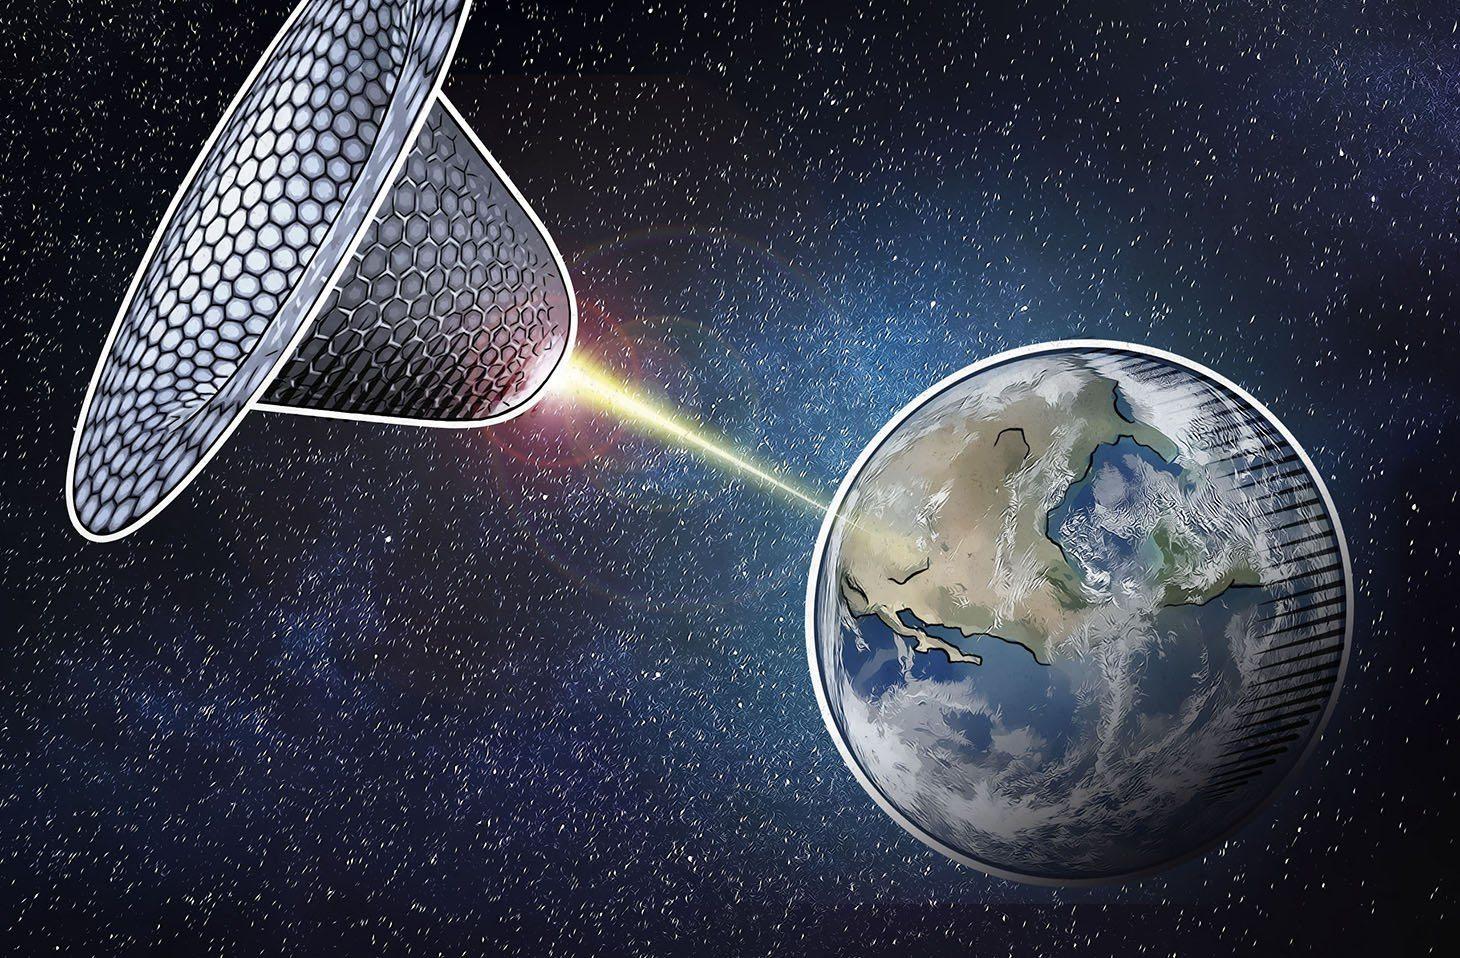 Проблемы и перспективы получения энергии из космоса: решения, которые только предстоит найти